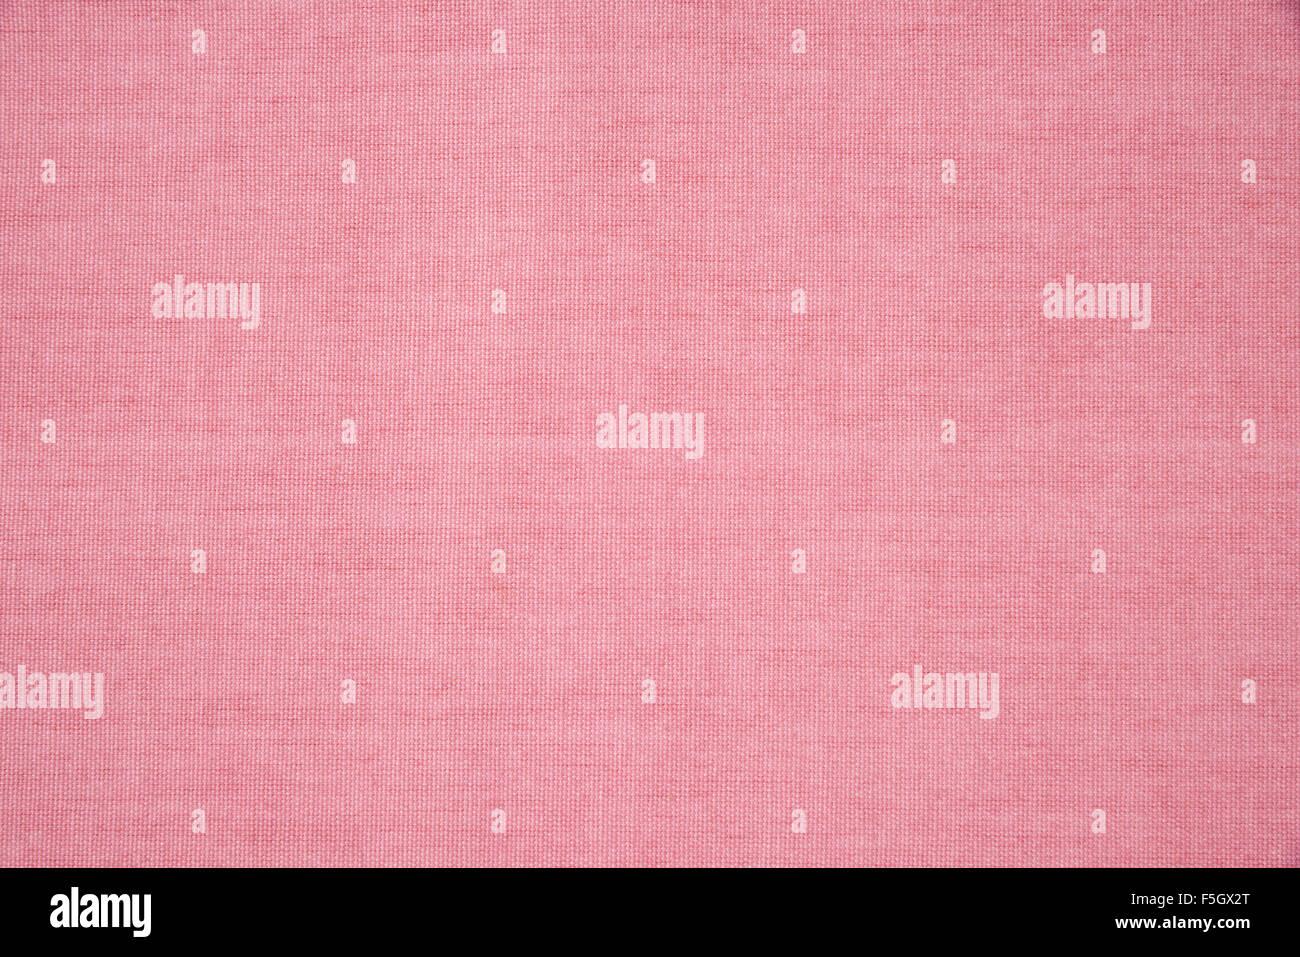 Dettaglio del luogo rosa sfondi mat Immagini Stock